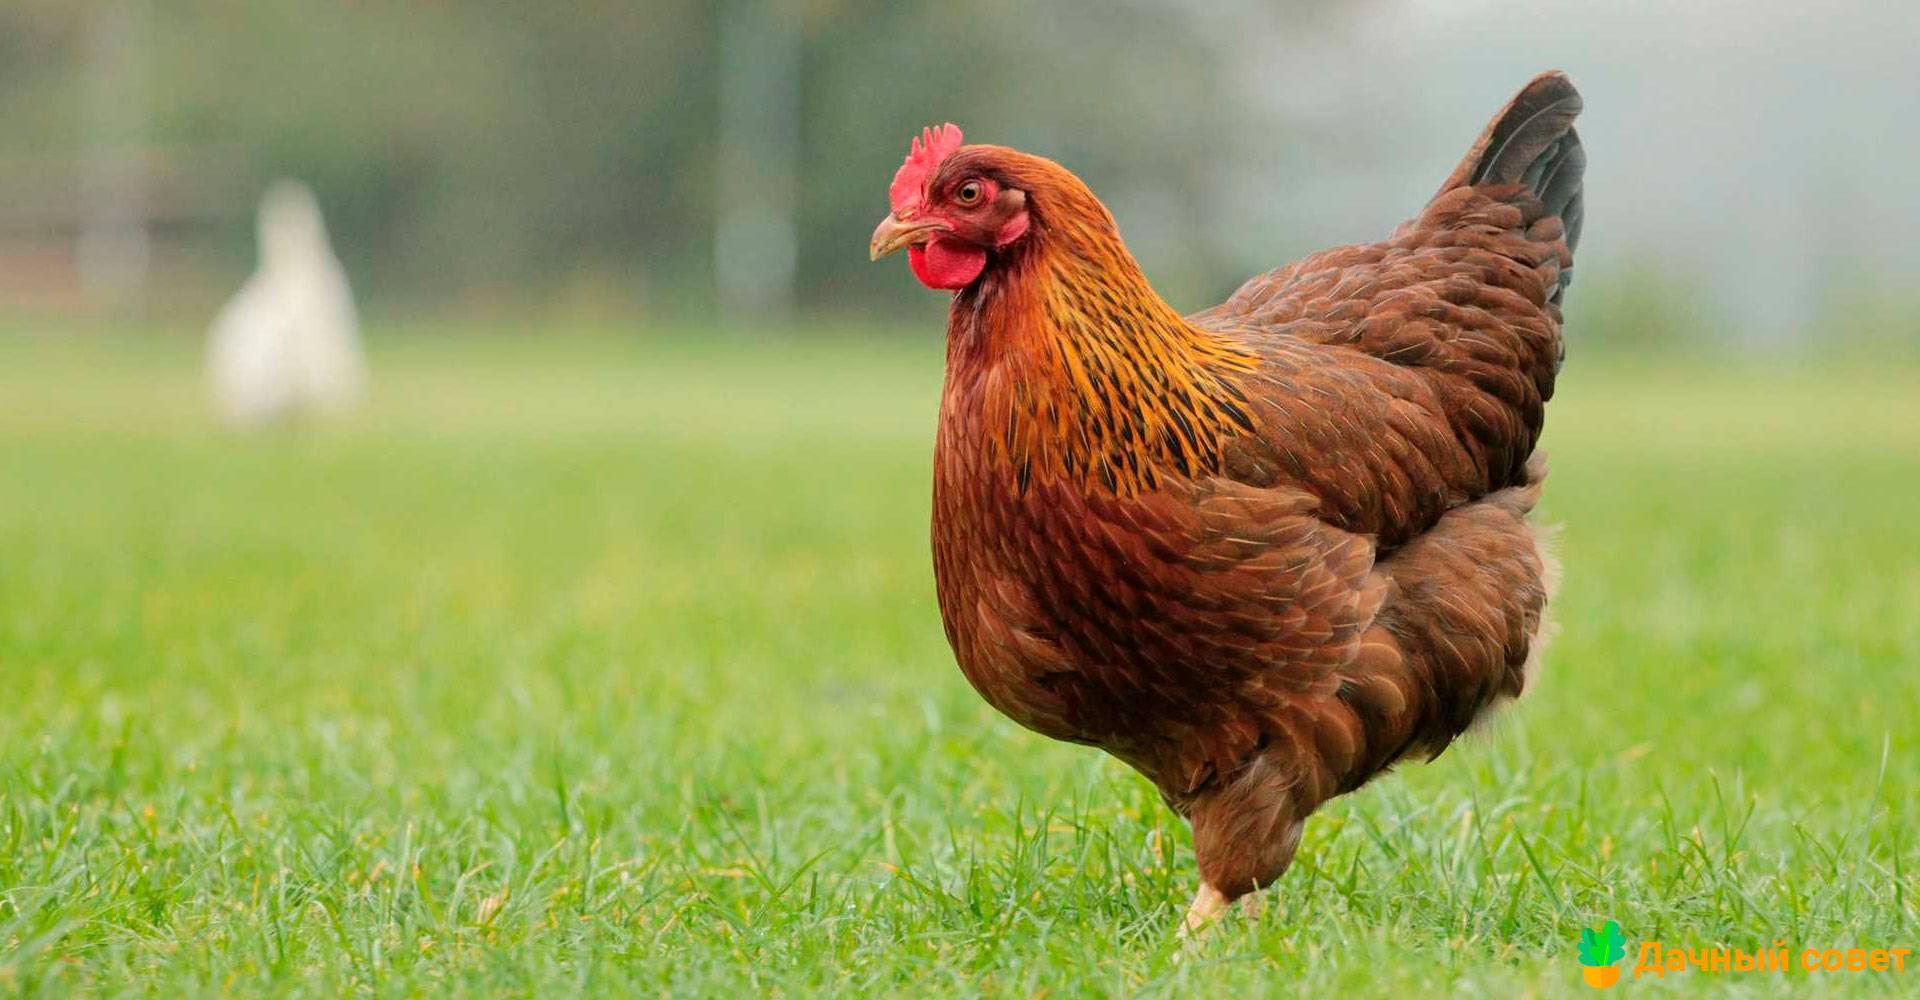 Выпадение яйцевода у кур и его воспаление: как лечить